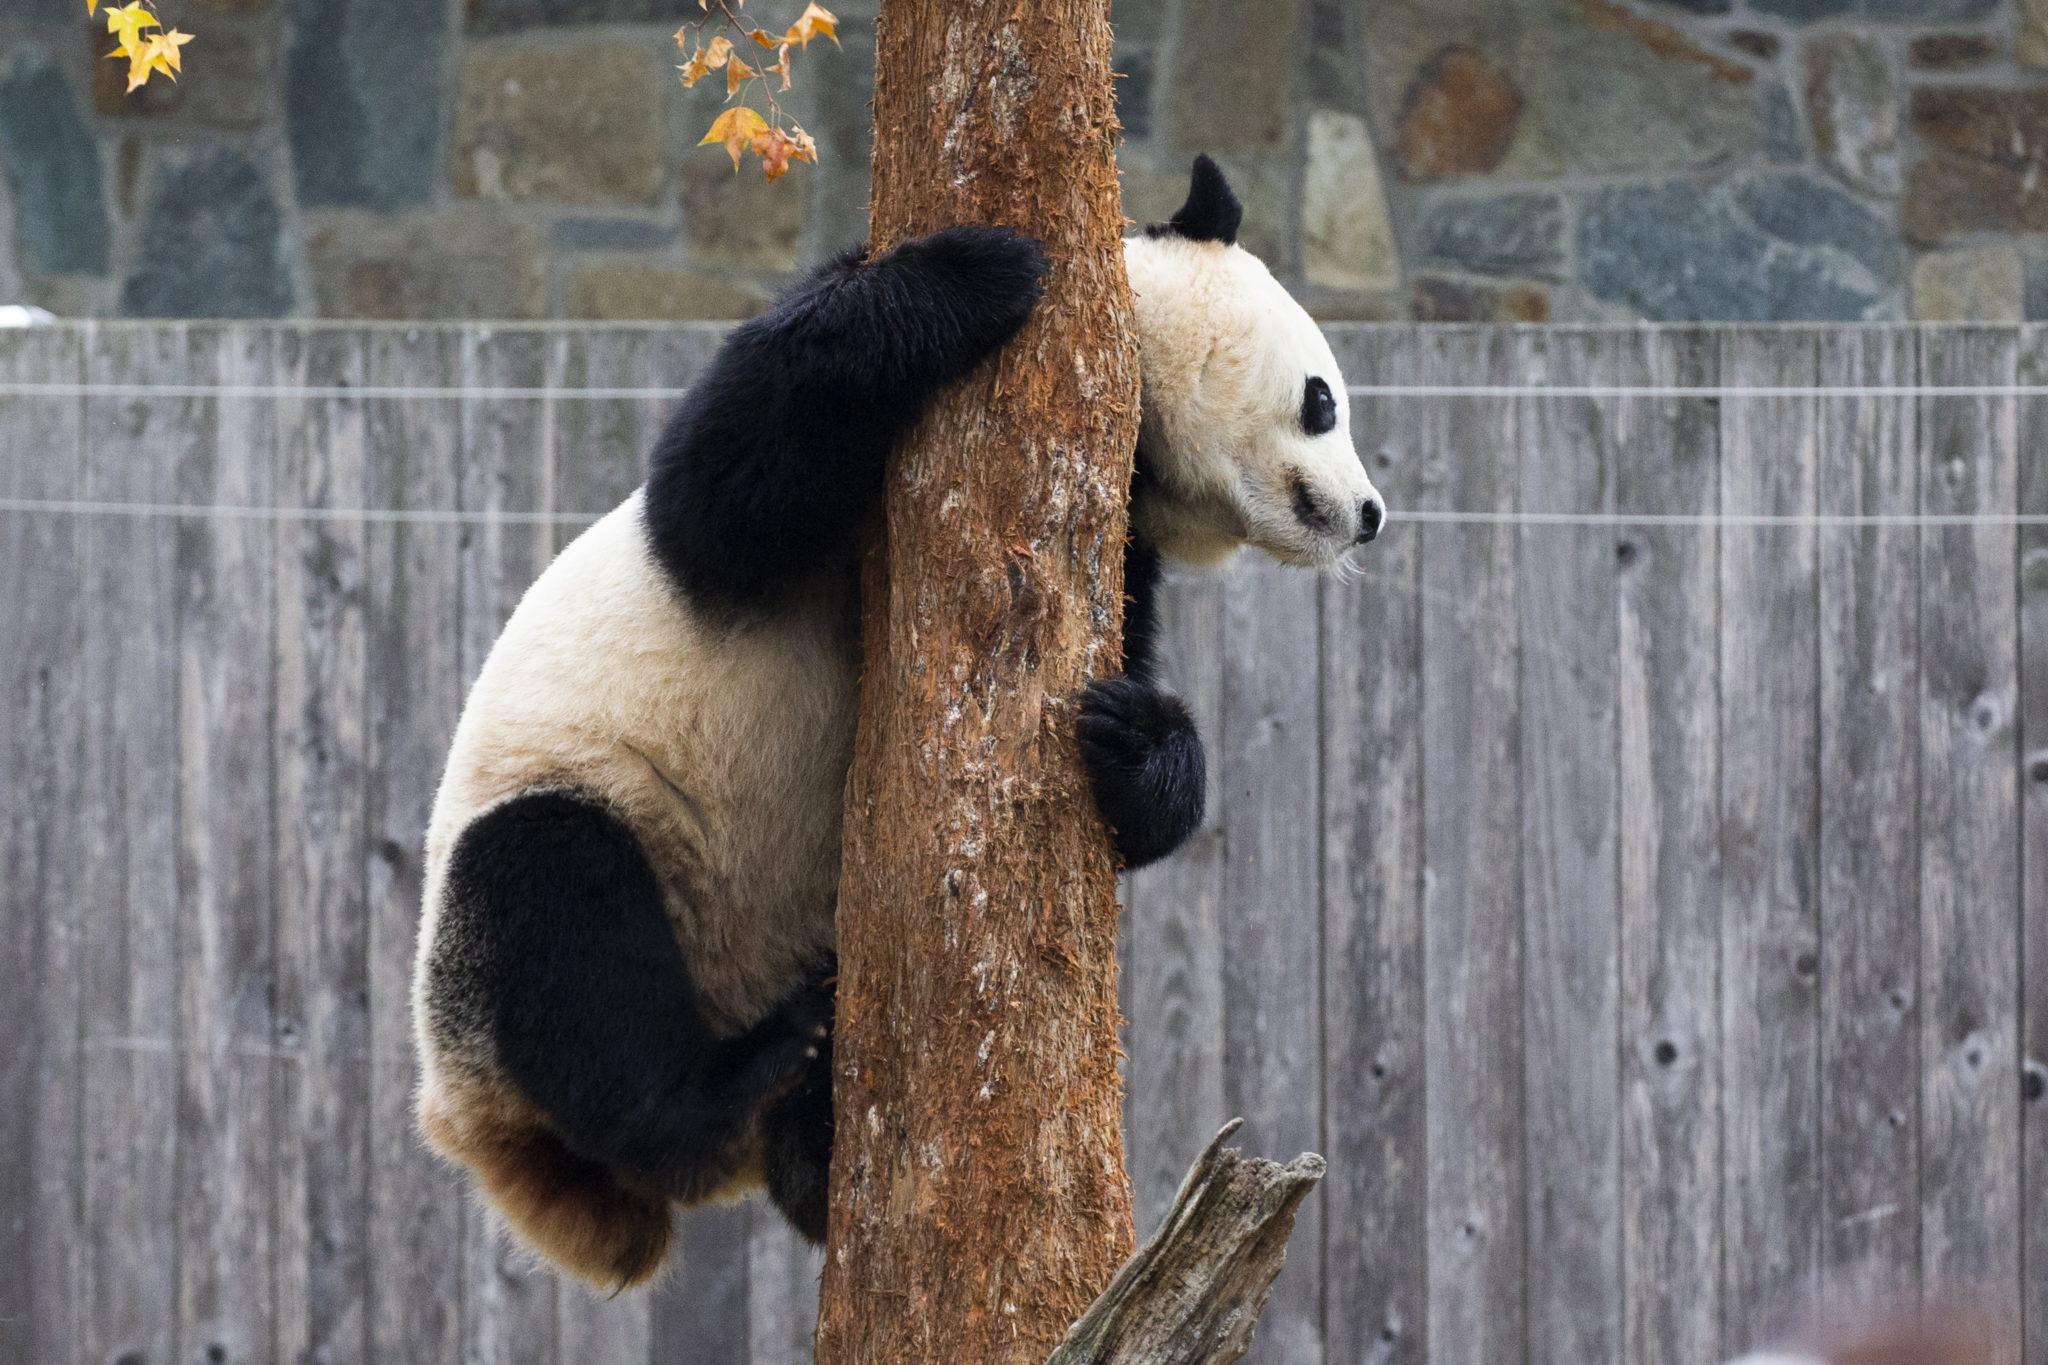 """4-letnie Bei Bei opuści Narodowe Zoo, w którym urodził się, aby zamieszkać w bazie prowadzonej przez Chińskie Centrum Ochrony i Badań nad Wielką Pandą w Syczuanie w Chinach. Umowa Narodowego Zoo z Chinami stanowi, że młode pandy urodzone w Zoo jadą do Chin, gdy osiągną cztery lata. Bei Bei pojedzie do Chin samolotem Boeing 777-Freighter nazwanym """"The Panda Express"""", fot. EPA / MICHAEL REYNOLDS"""